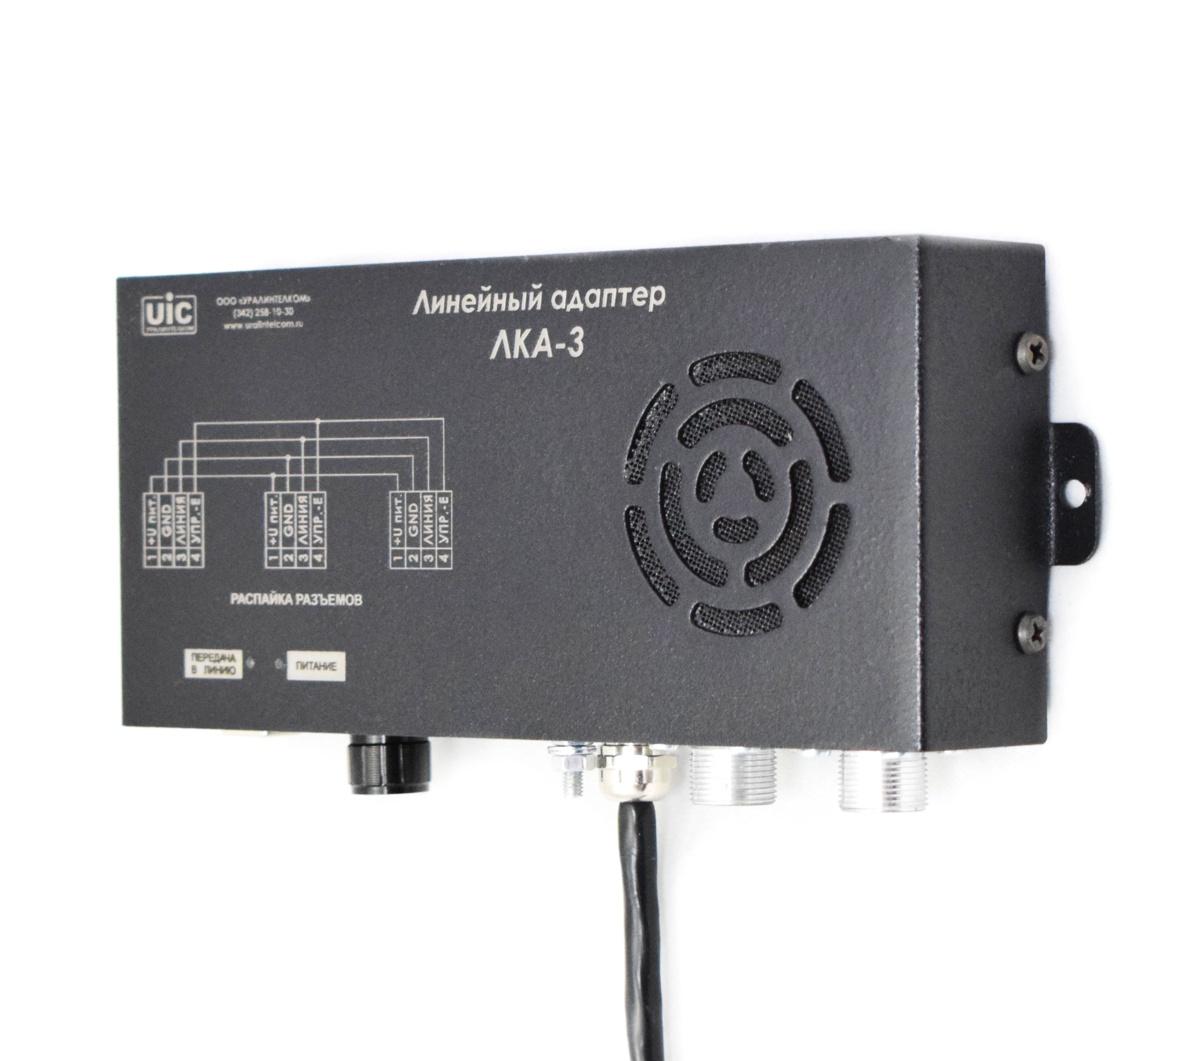 NEW! Адаптер IP телефонии ЛКА-3